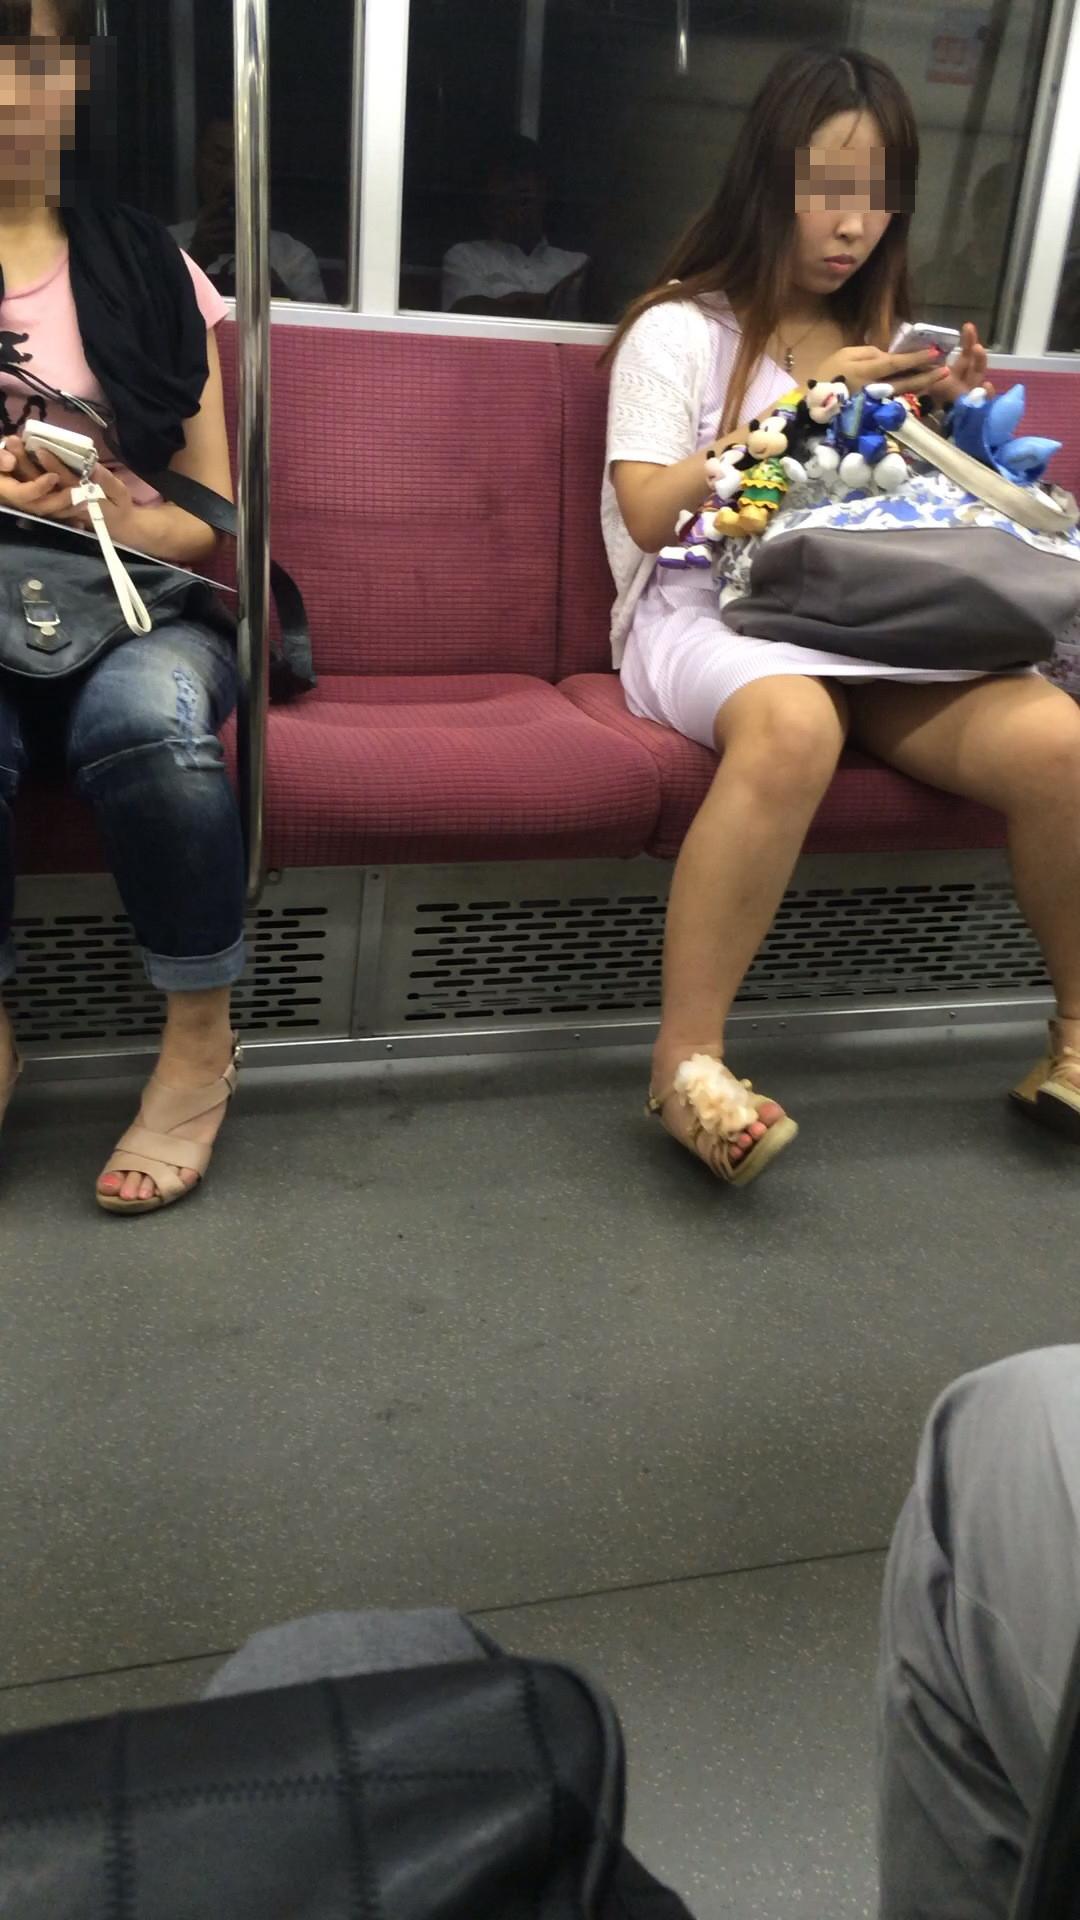 【パンチラエロ画像】長旅ほど見る時間も長いw電車内の丸見えパンチラ監視www 30